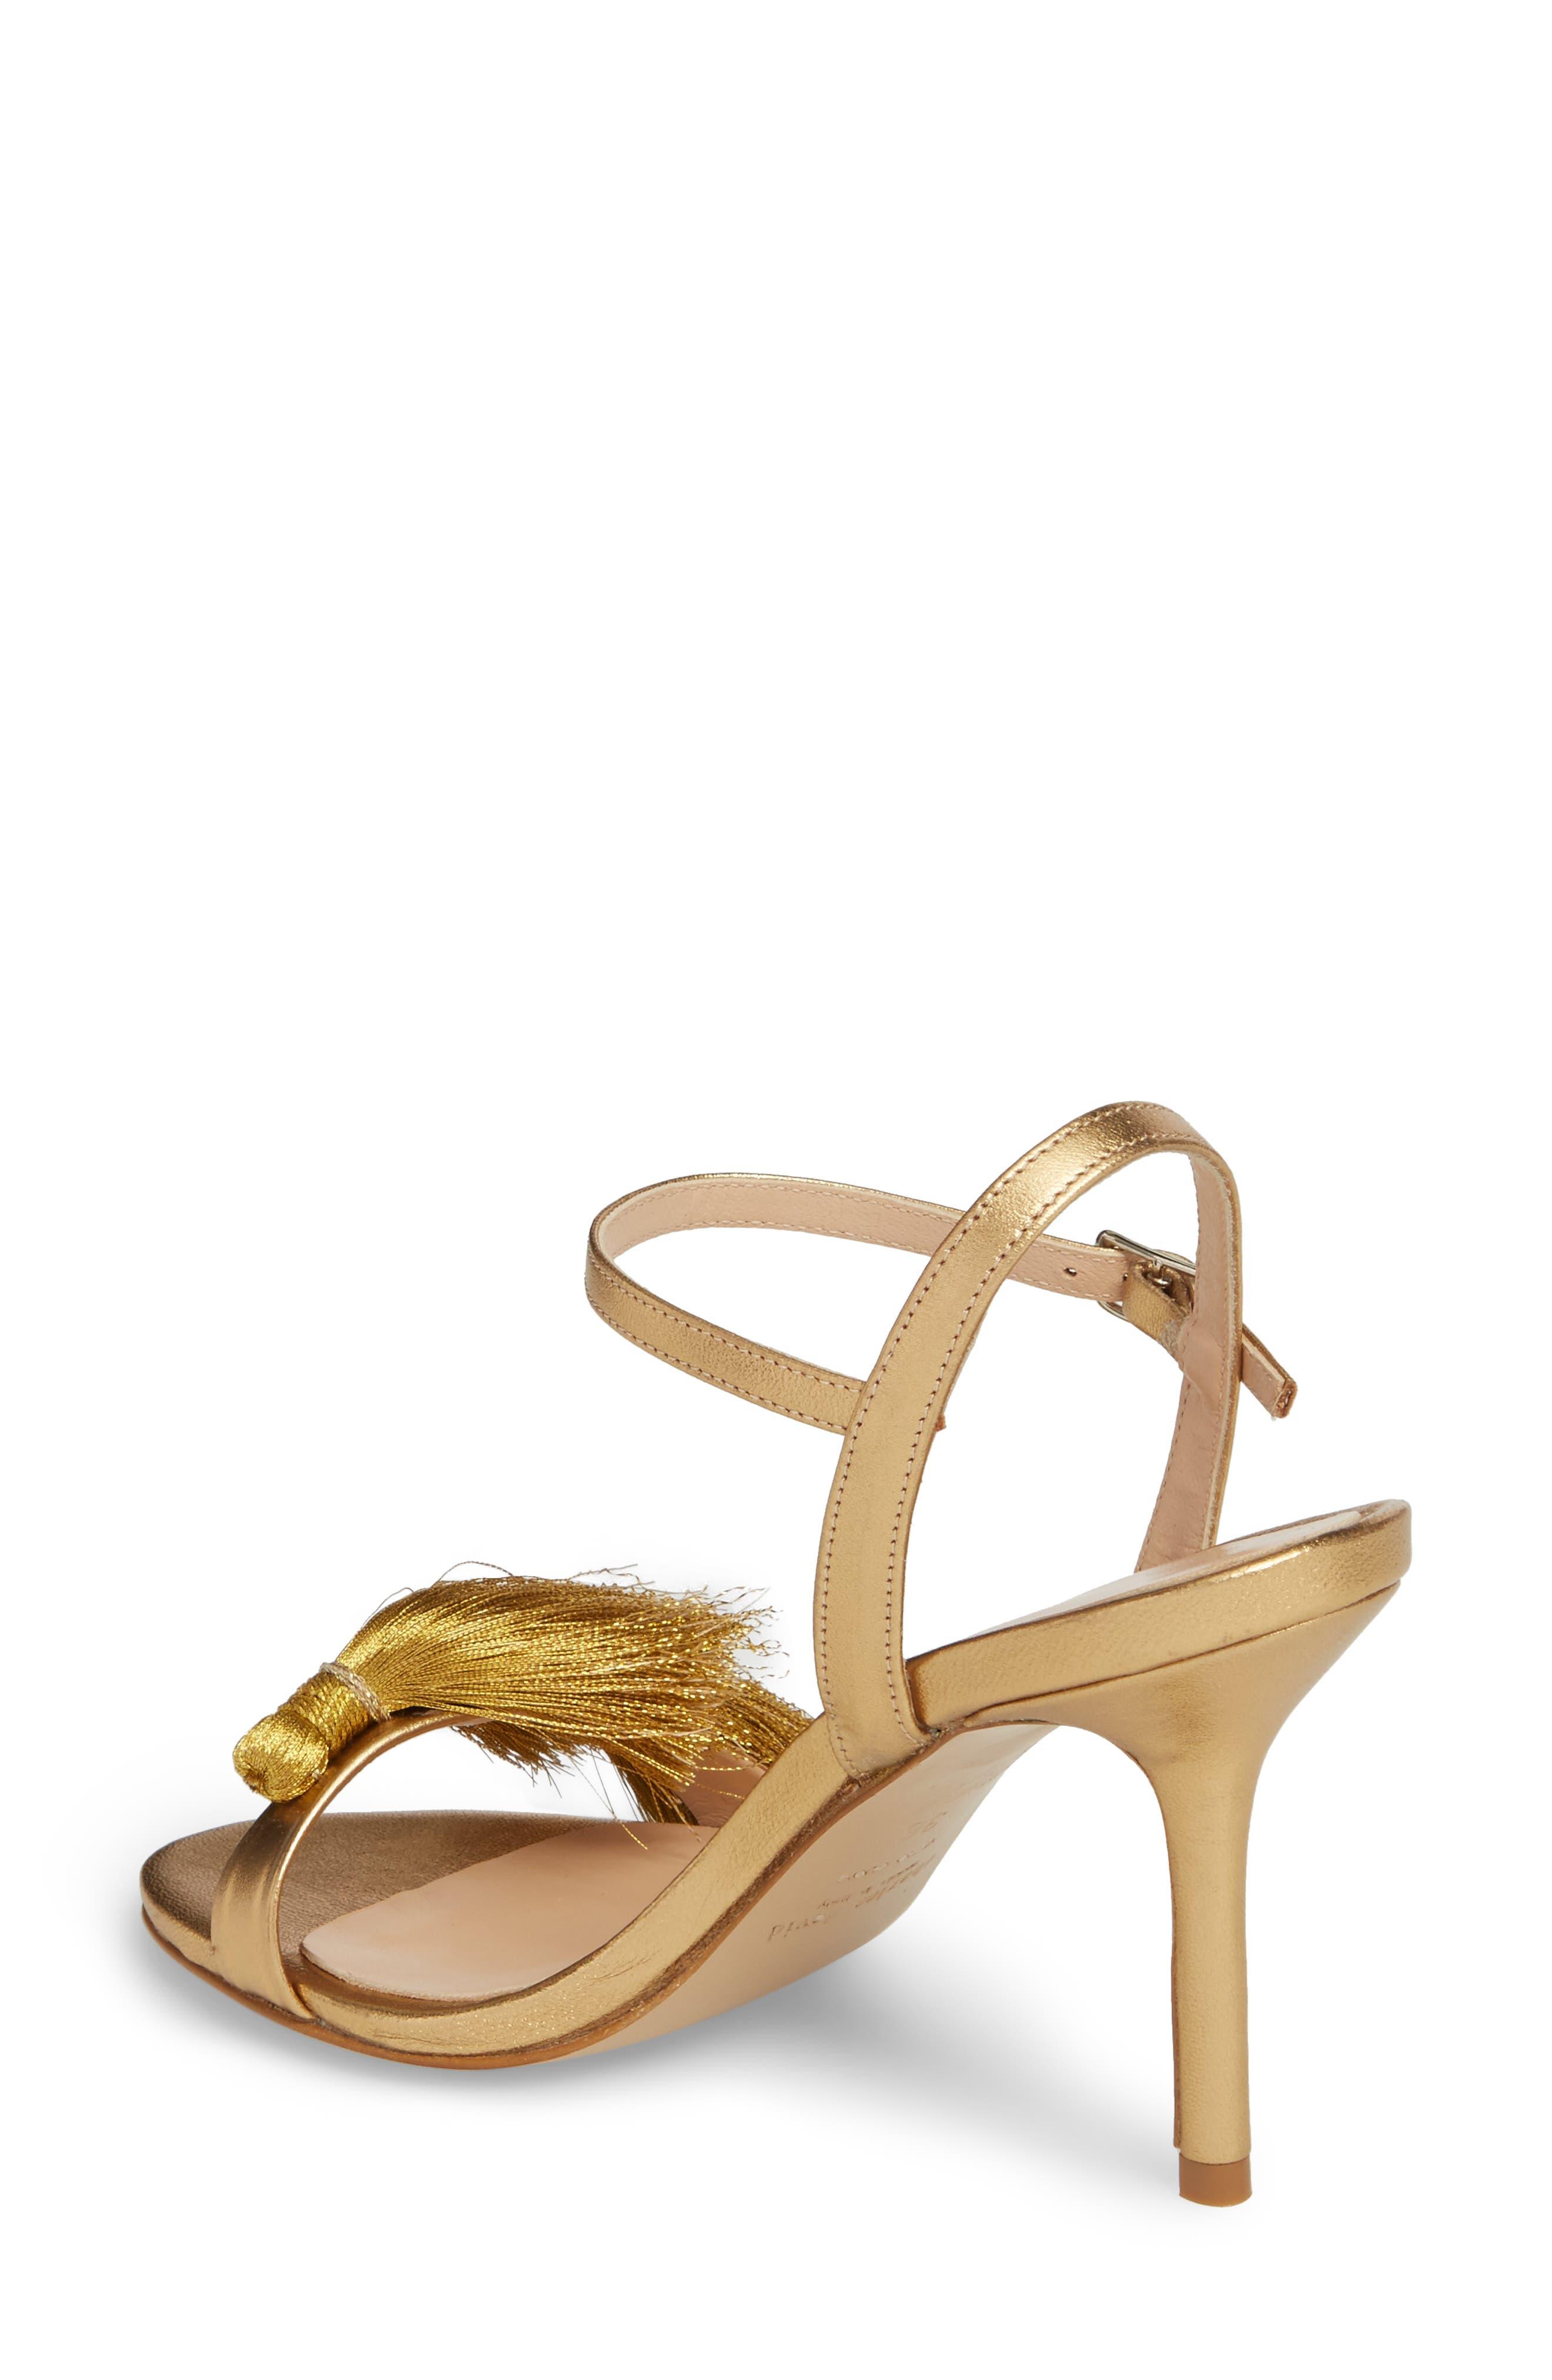 Sassy Tassel Sandal,                             Alternate thumbnail 2, color,                             Gold Leather